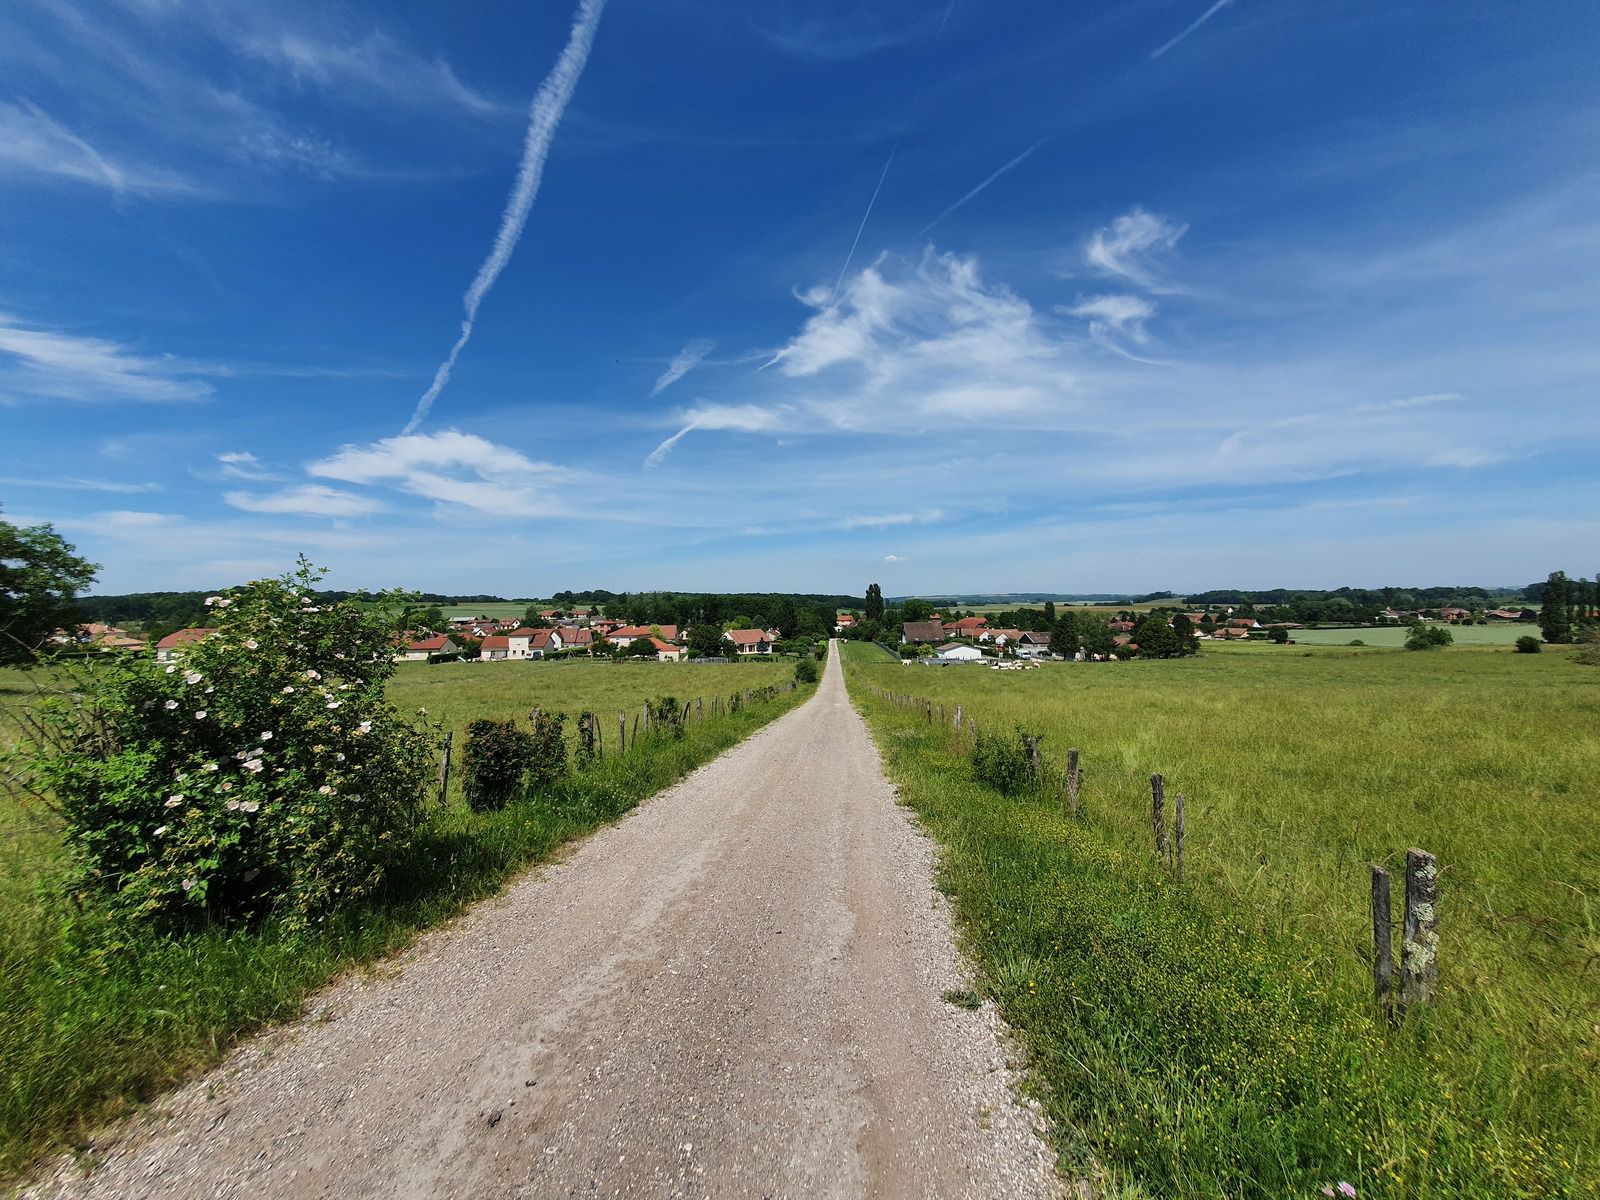 Saint-Léger-sous-Brienne